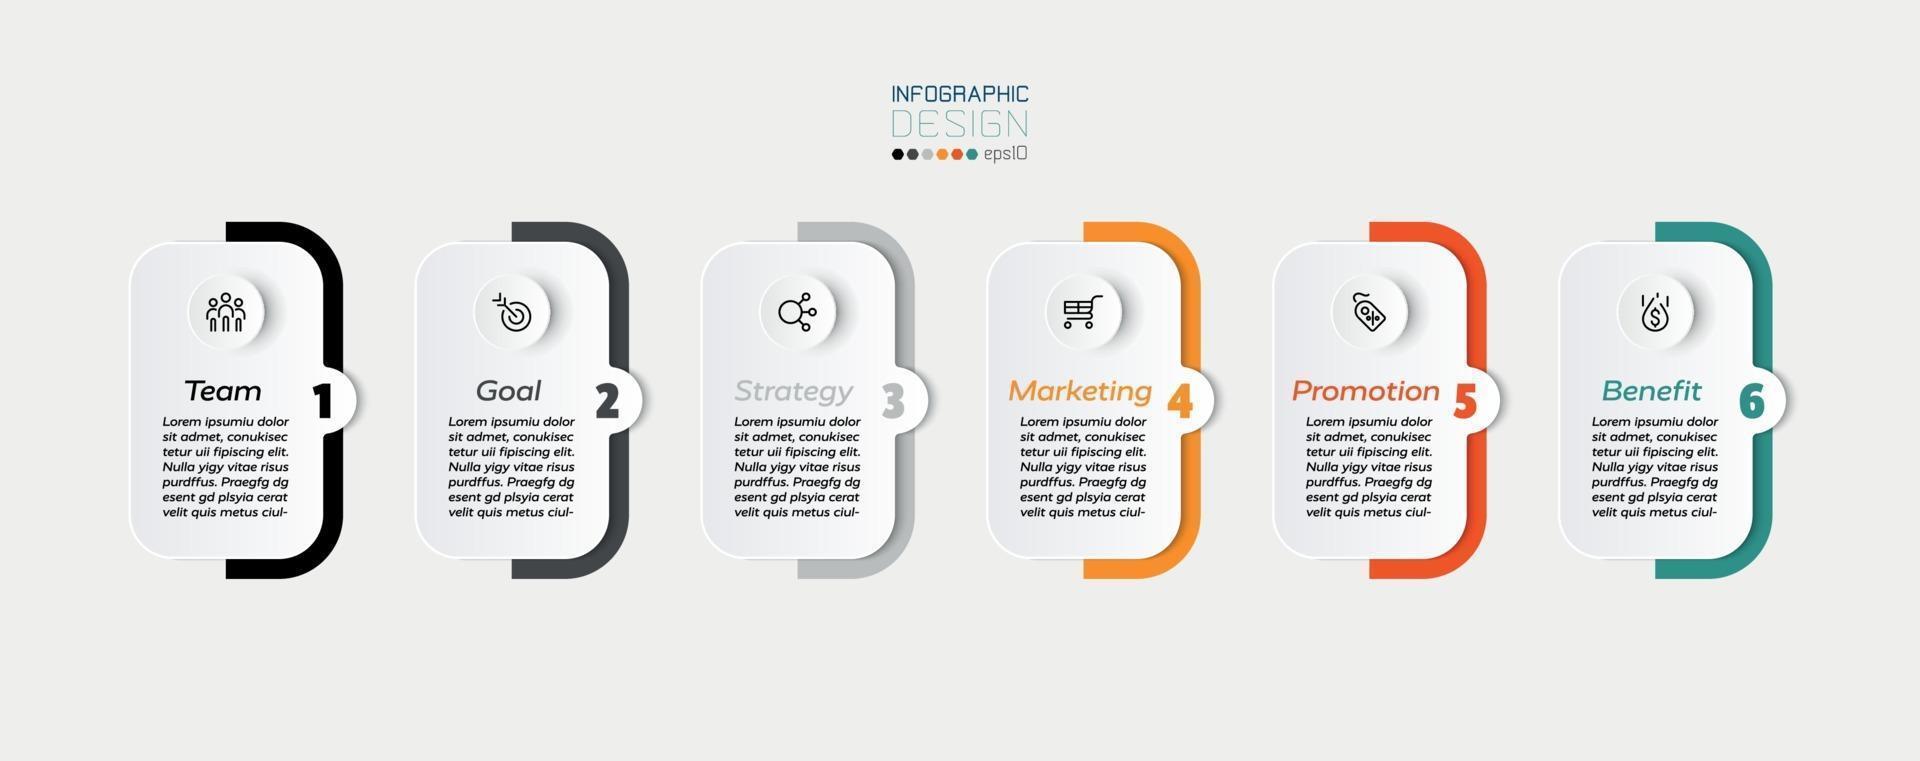 quadrados e barras coloridas, 6 etapas para apresentar ou planejar um fluxo de trabalho em uma empresa ou outro trabalho. projeto infográfico. vetor